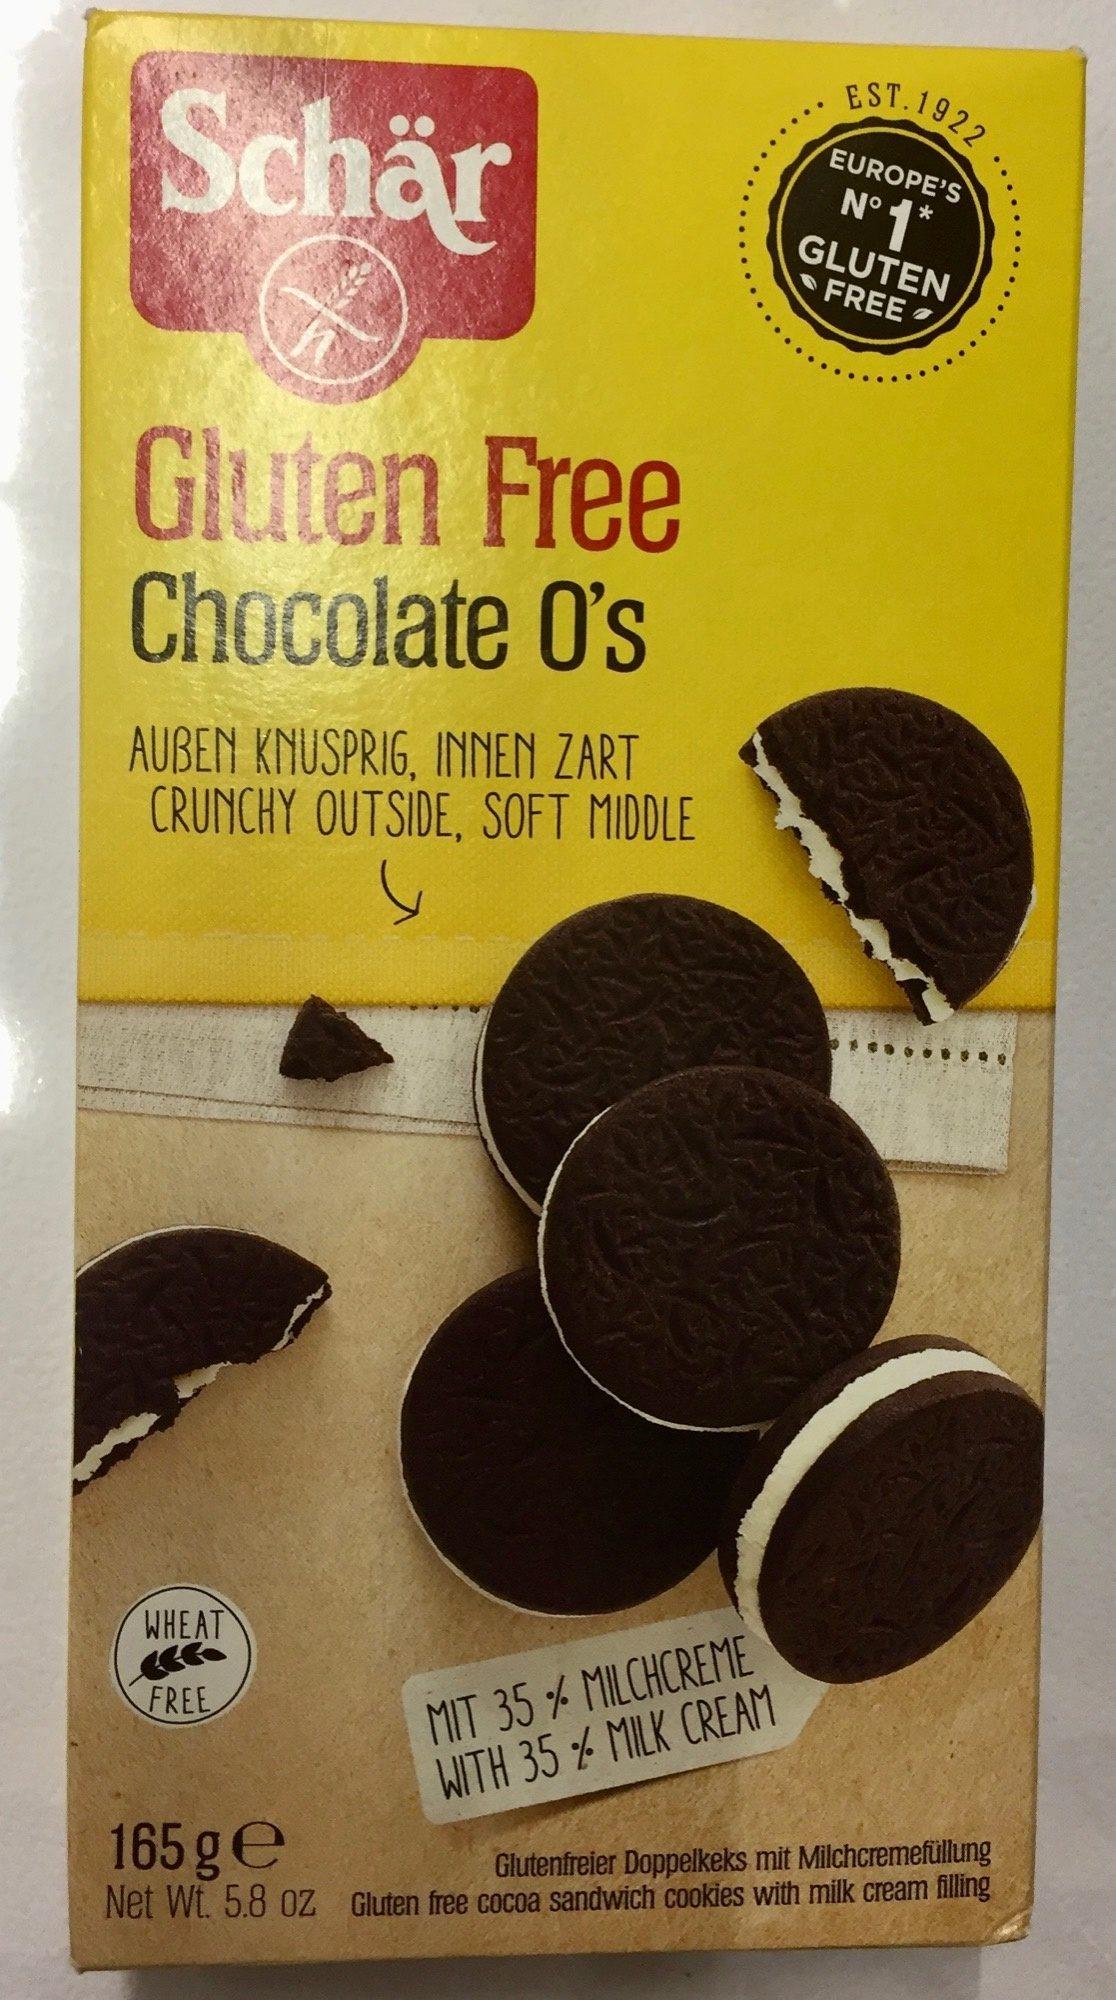 Disco ciok galletas al cacao con crema de leche sin gluten - Producto - es